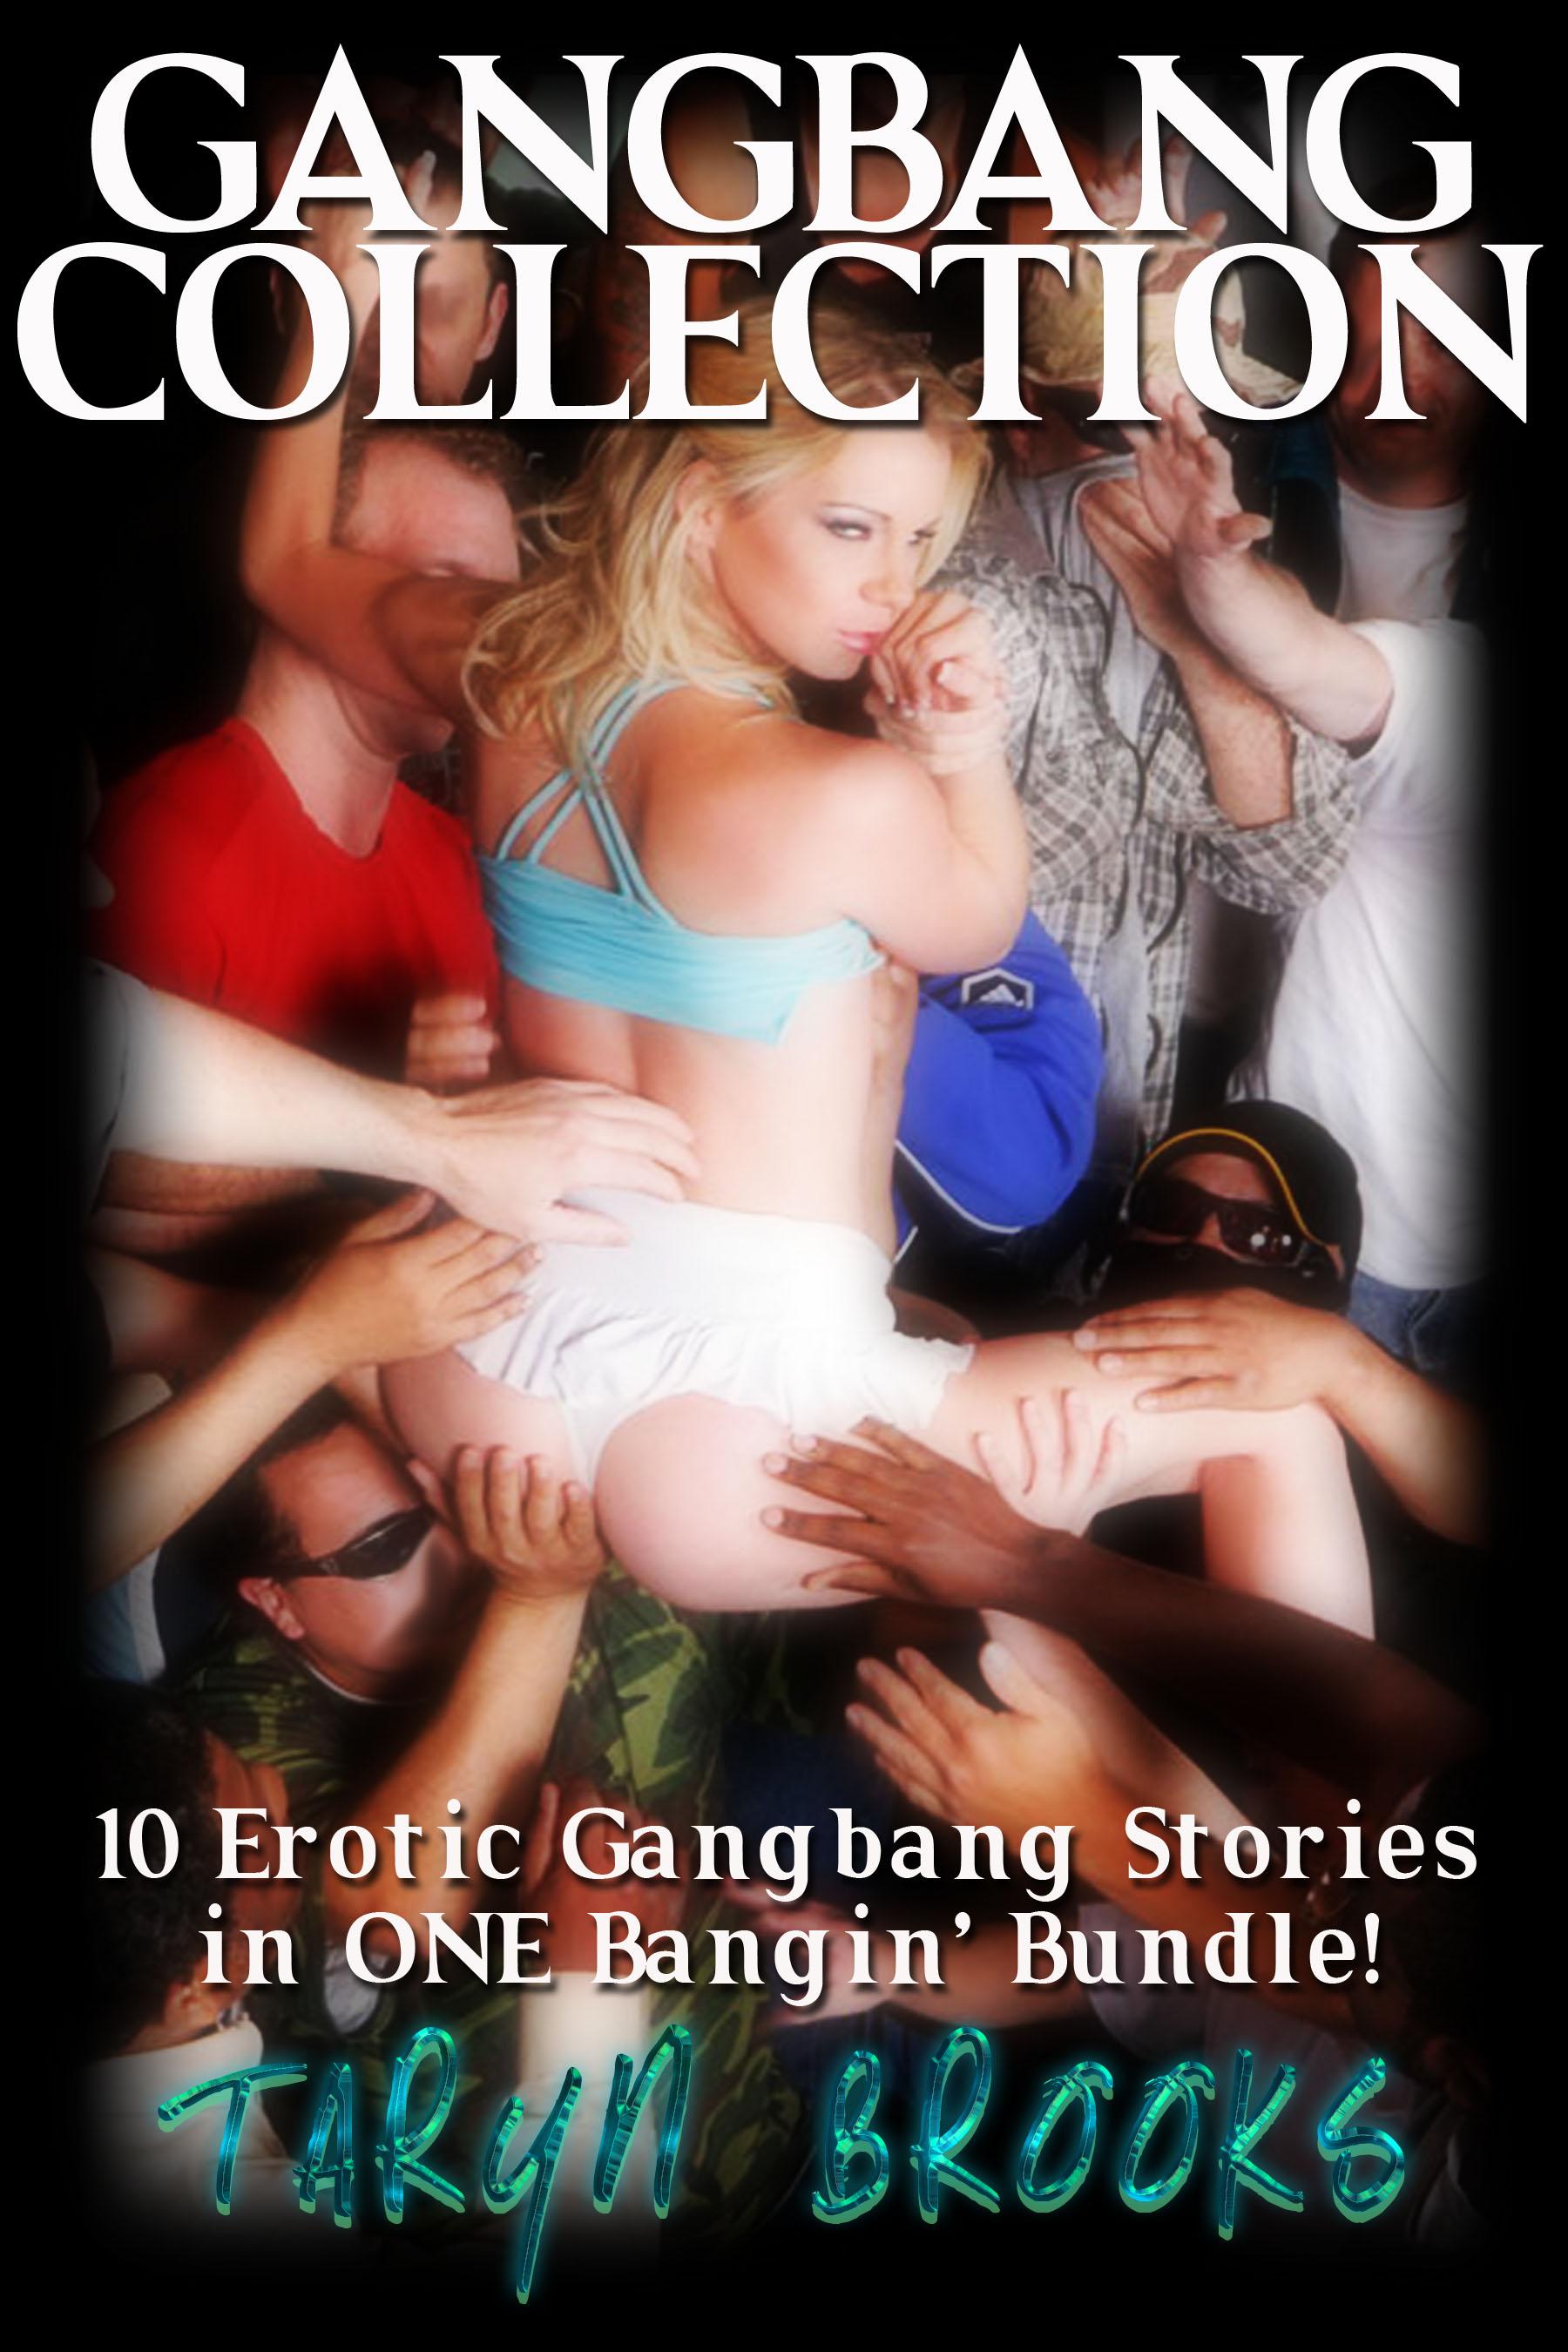 Gangbang Collection (Bundle of 10 Erotic Gangbang Stories)